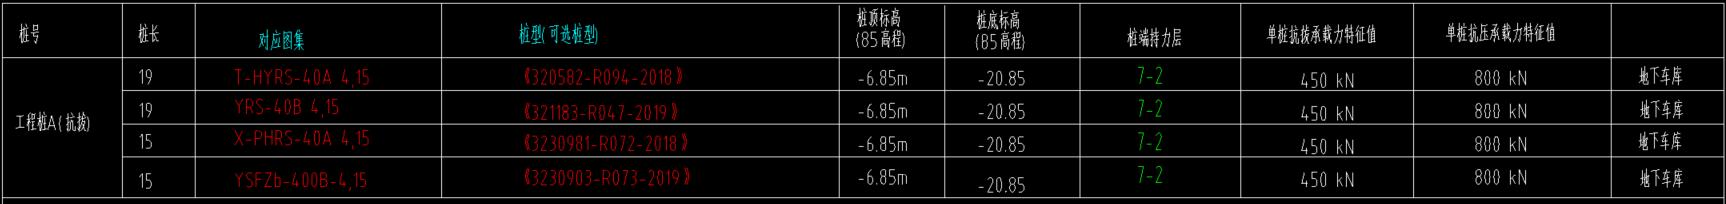 土建,江苏,答疑:预制方桩YZH-400B-4S,15SNS什么意思-江苏土建,